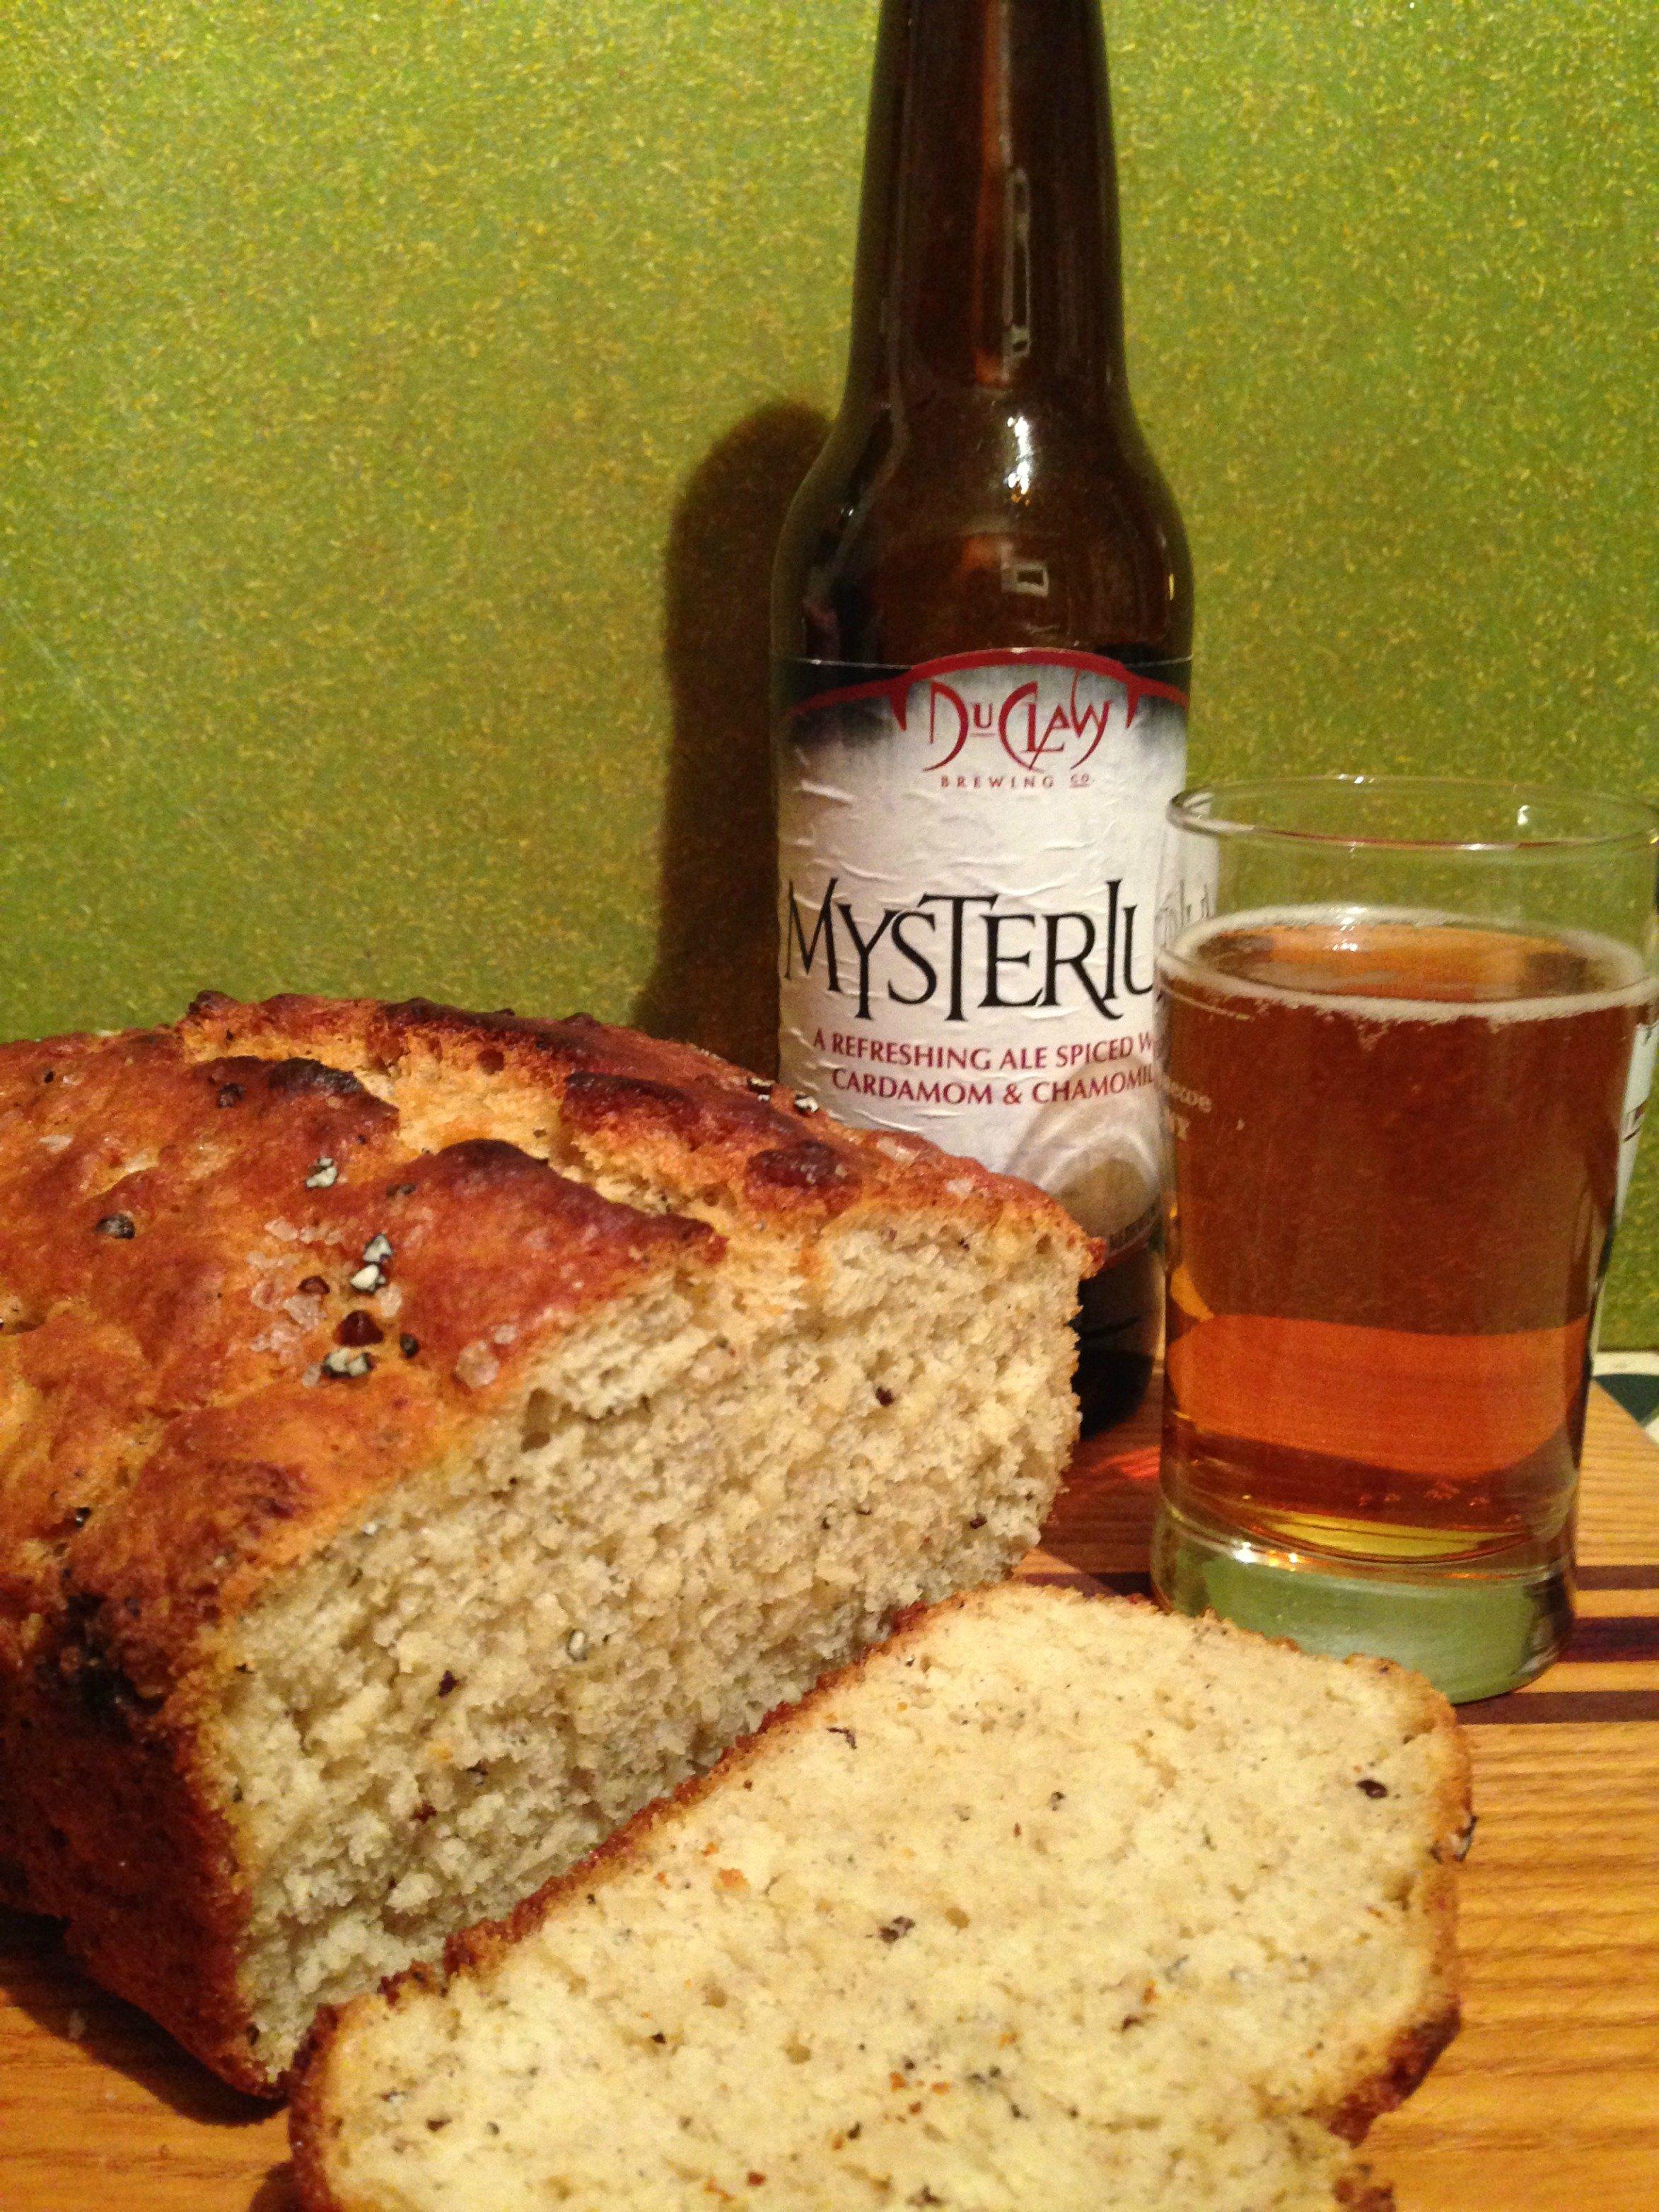 duclaw-mysterium-bread